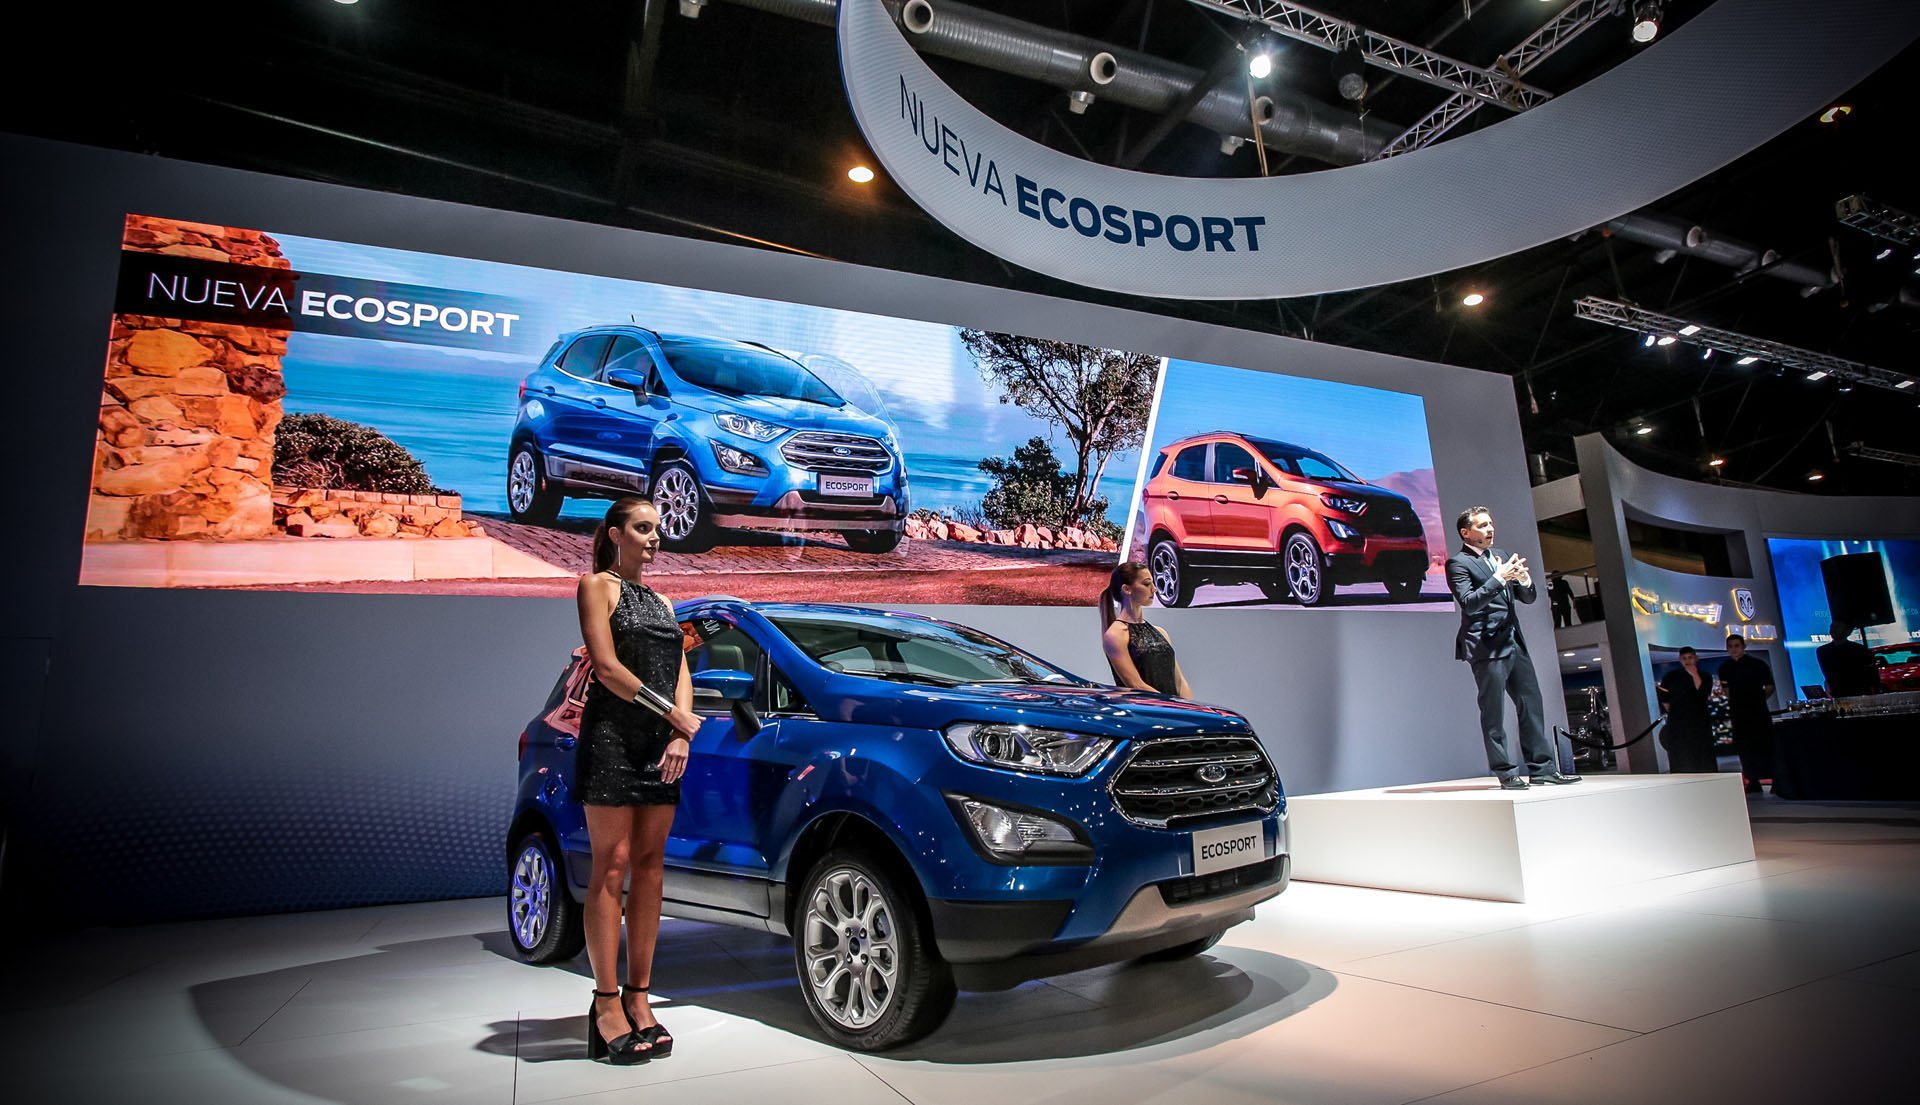 Planean Volkswagen y Ford alianza estratégica para enfrentar retos de la competencia en el sector de los vehículos eléctricos y de conducción autónoma